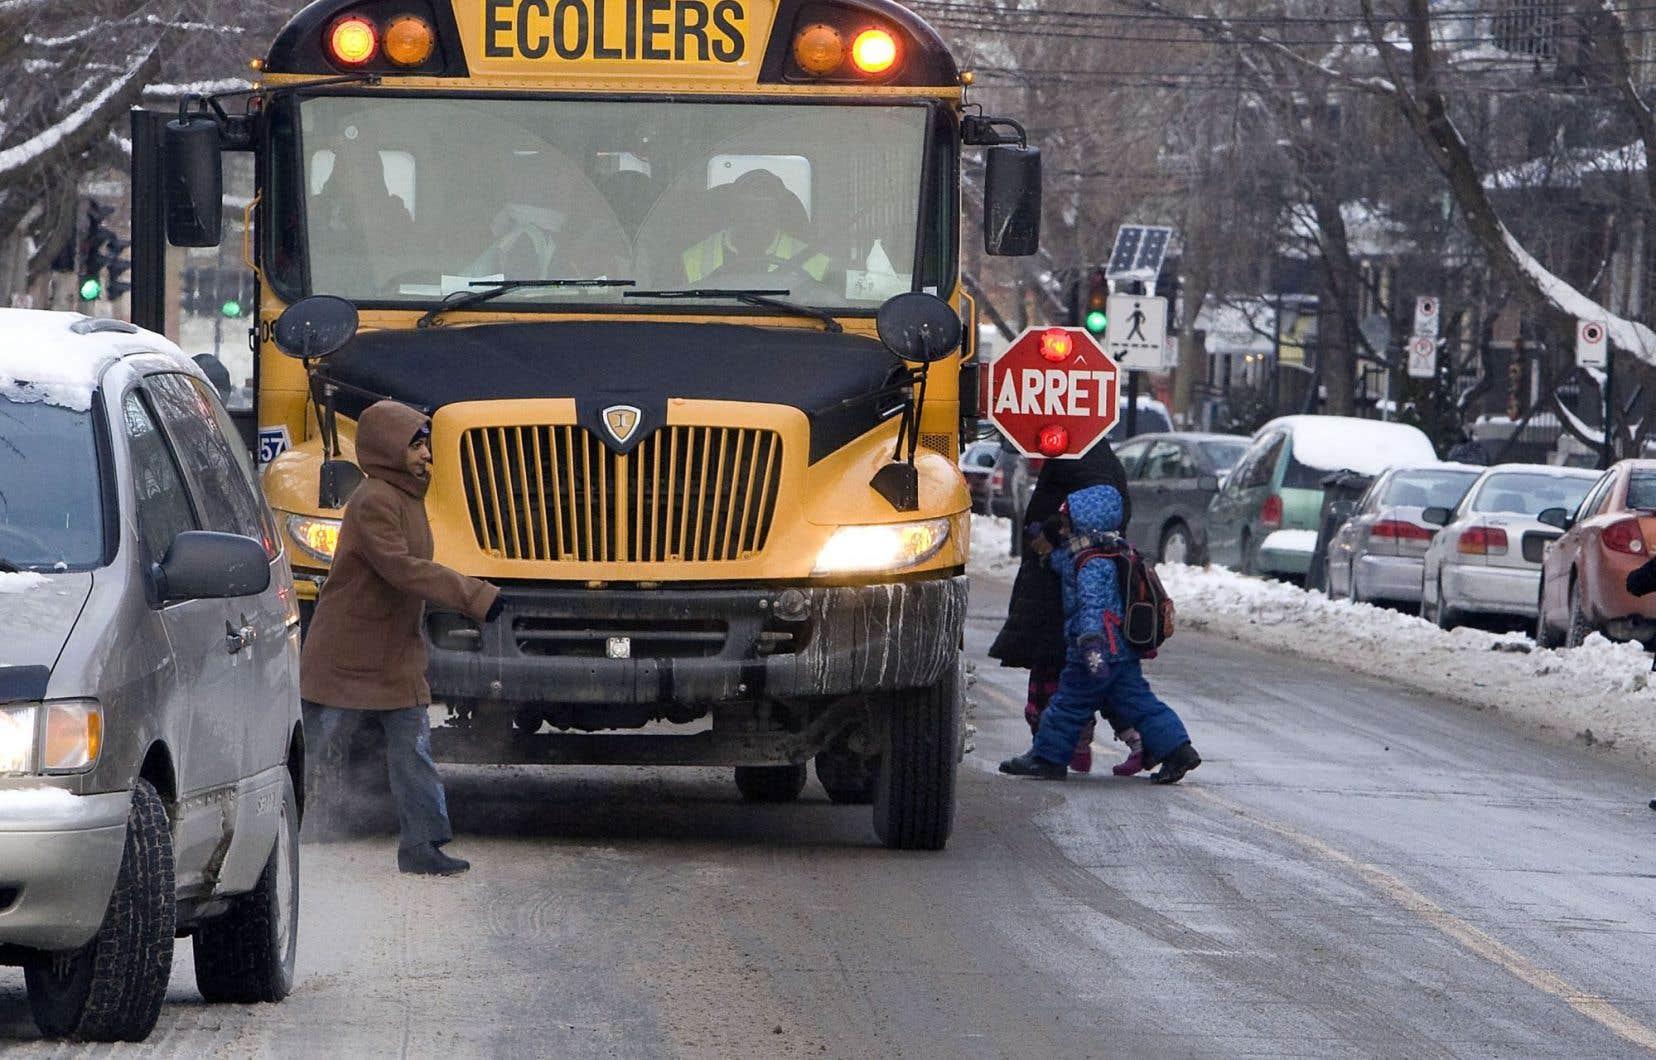 Ce que l'on craint le plus, c'est que des enfants soient laissés à eux-mêmes en dehors des cours.